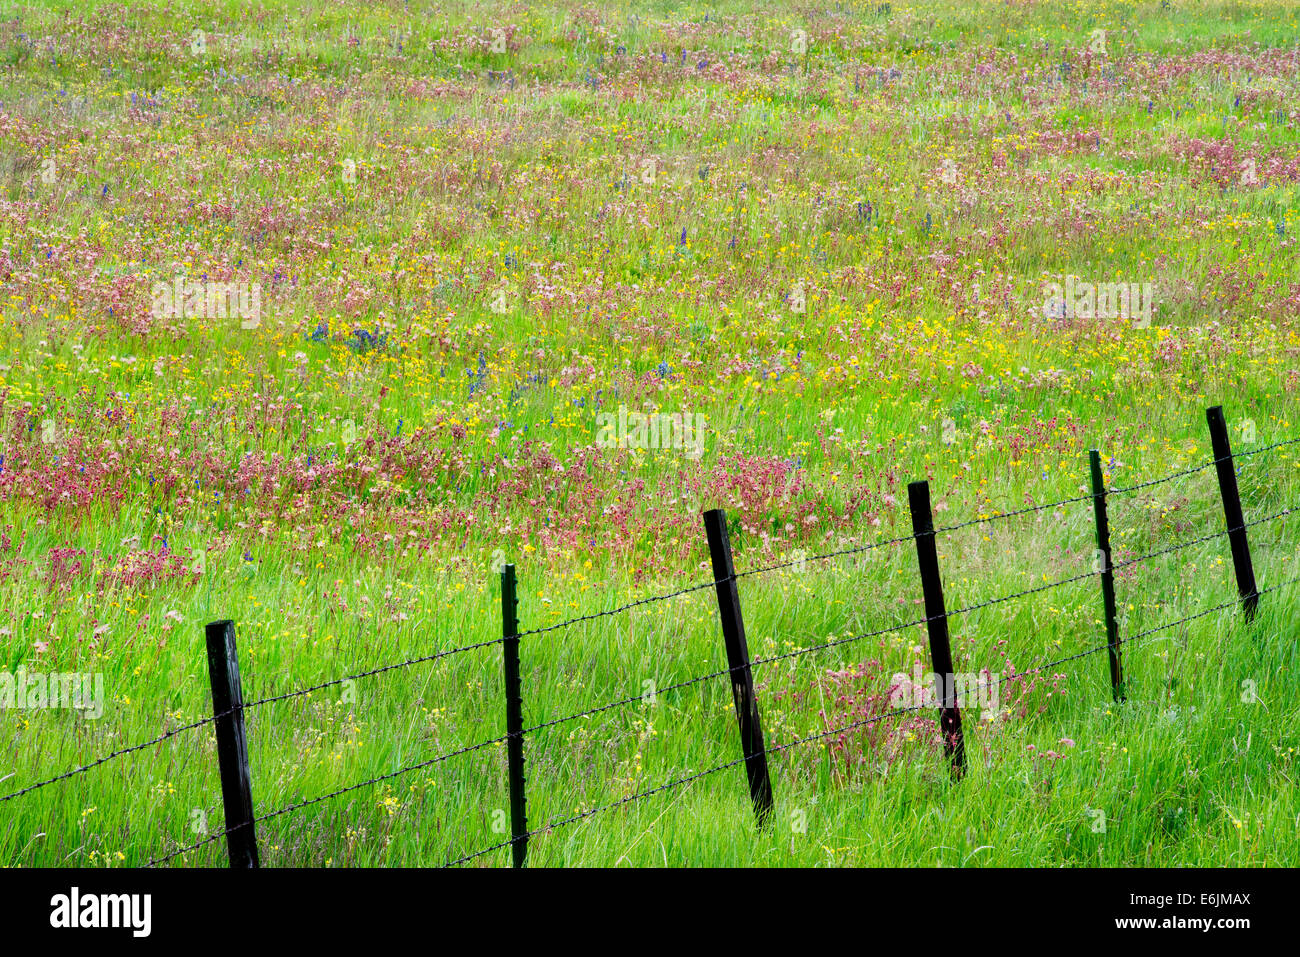 Fence line with wildflowers. Zumwalt Prairie Preserve, Oregon - Stock Image